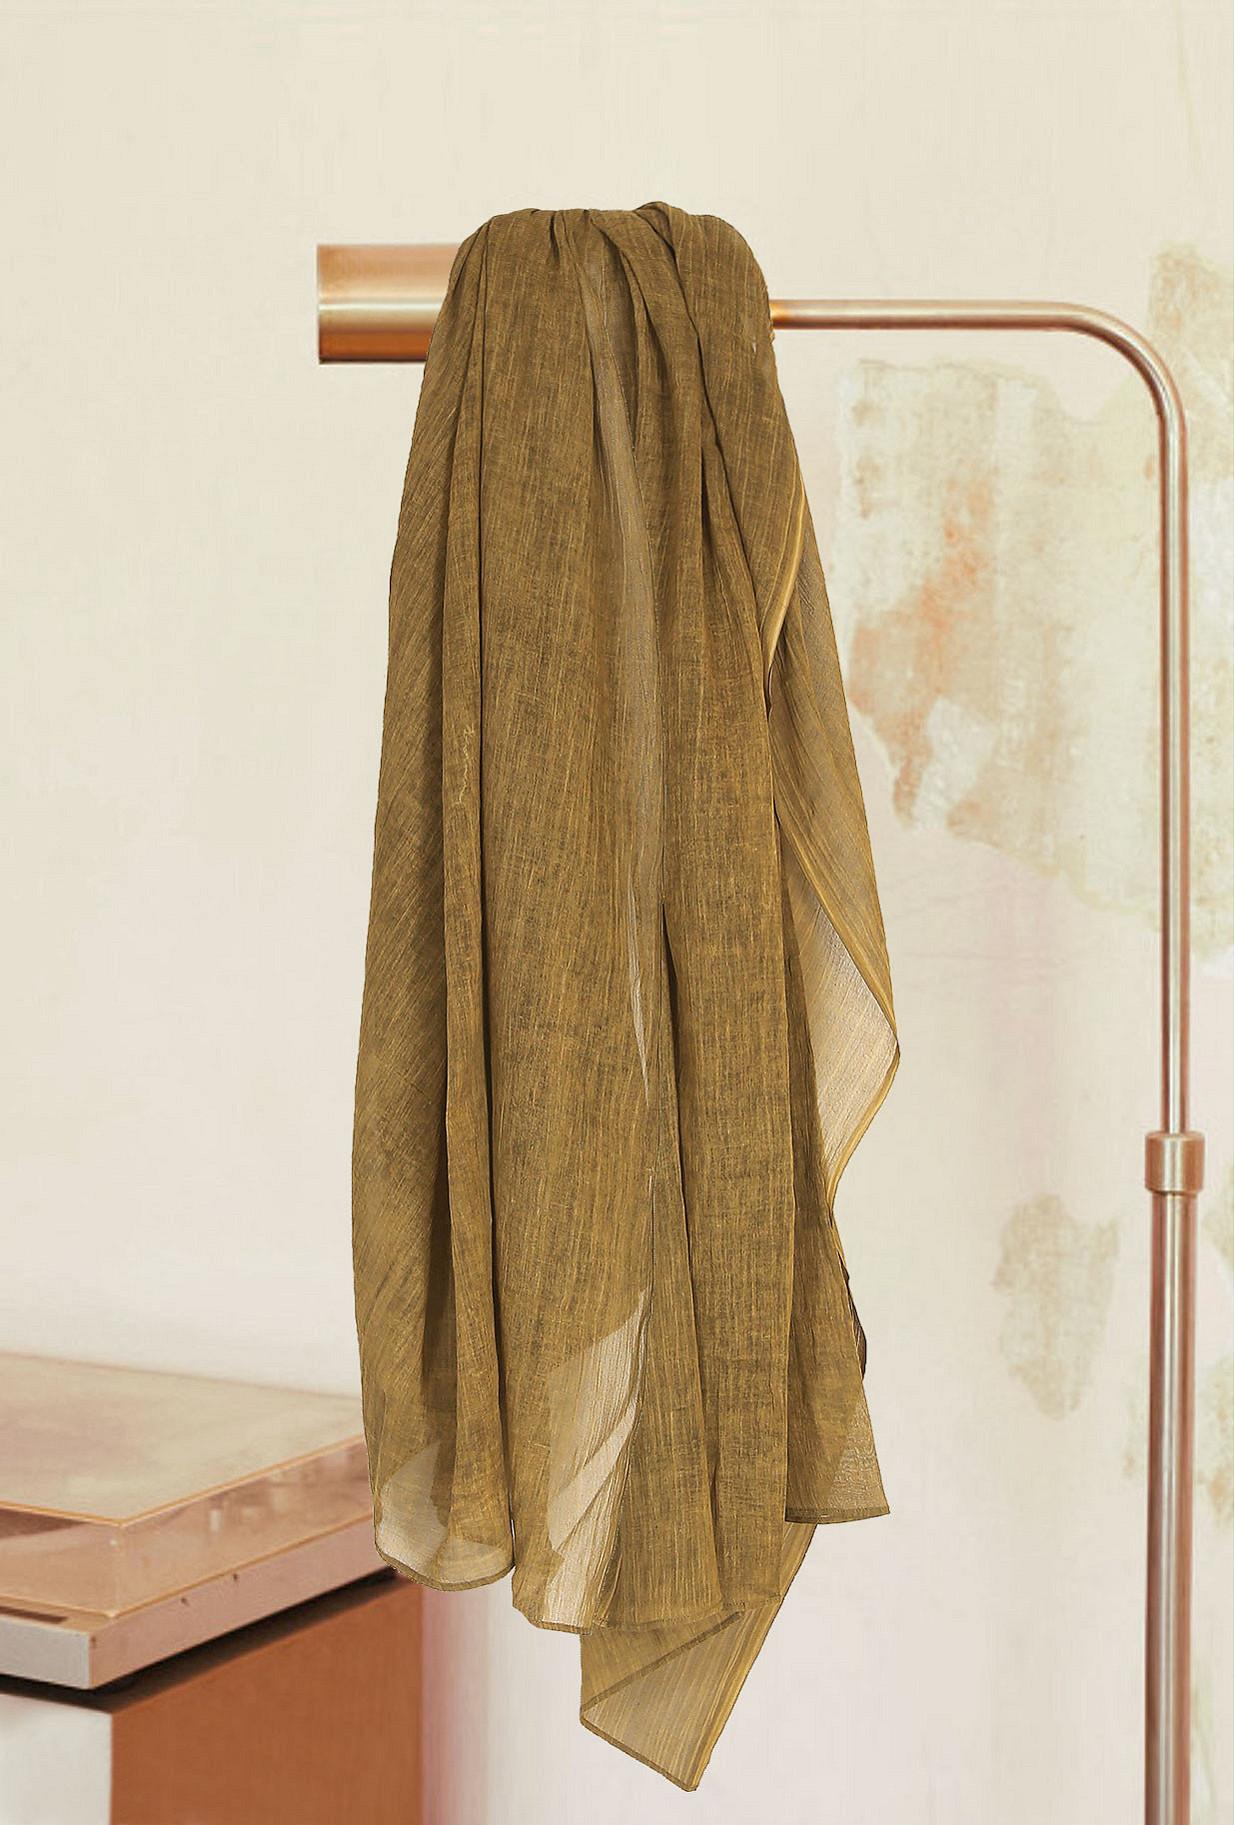 Scarf  Charp Mes demoiselles fashion clothes designer Paris